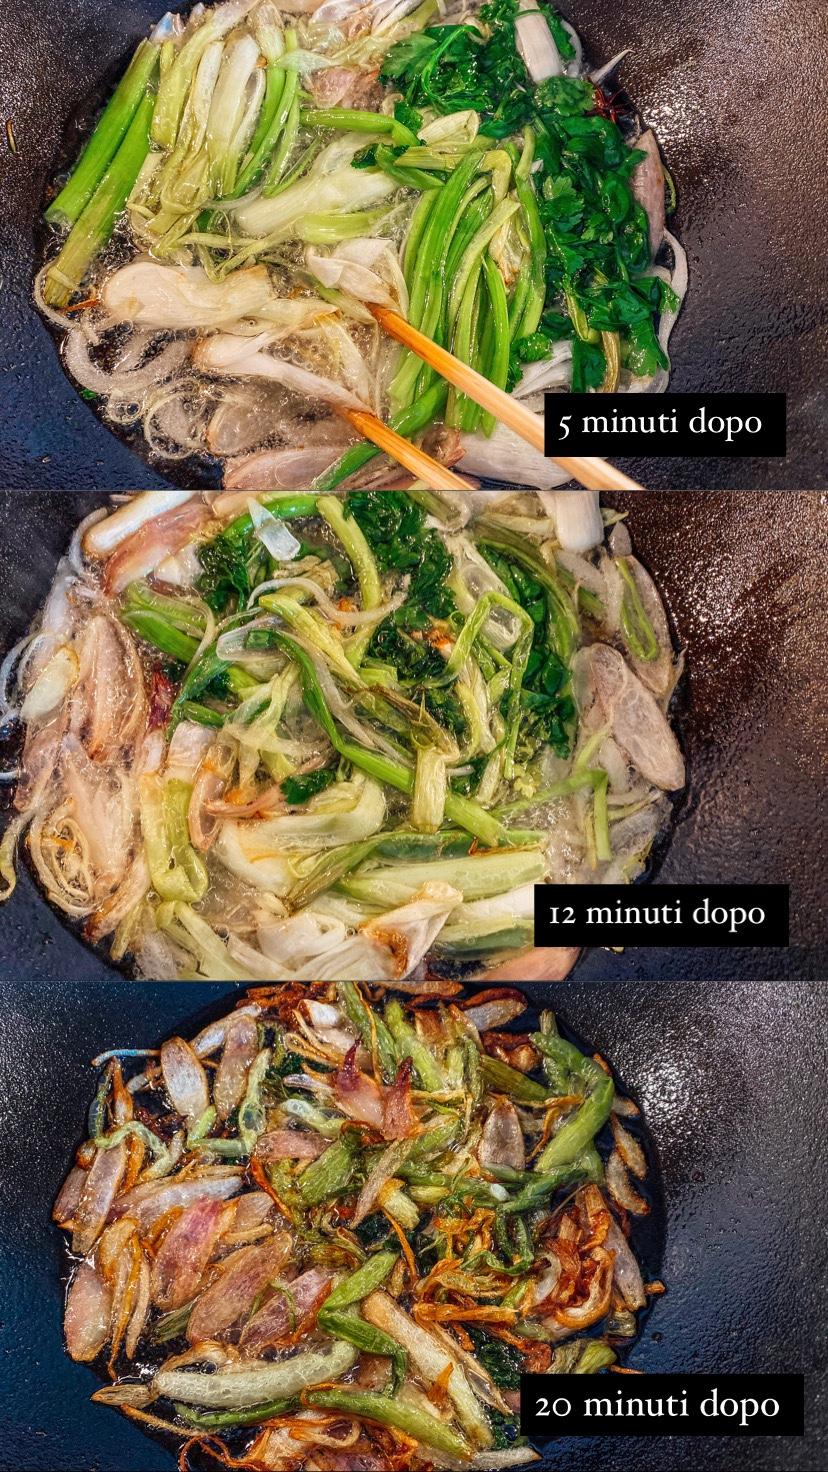 Spengi il fuoco dopo 15 minuti e lascia gli ingredienti nell'olio per un'altri 5 minuti prima di separare l'olio dal resto degli ingredienti.